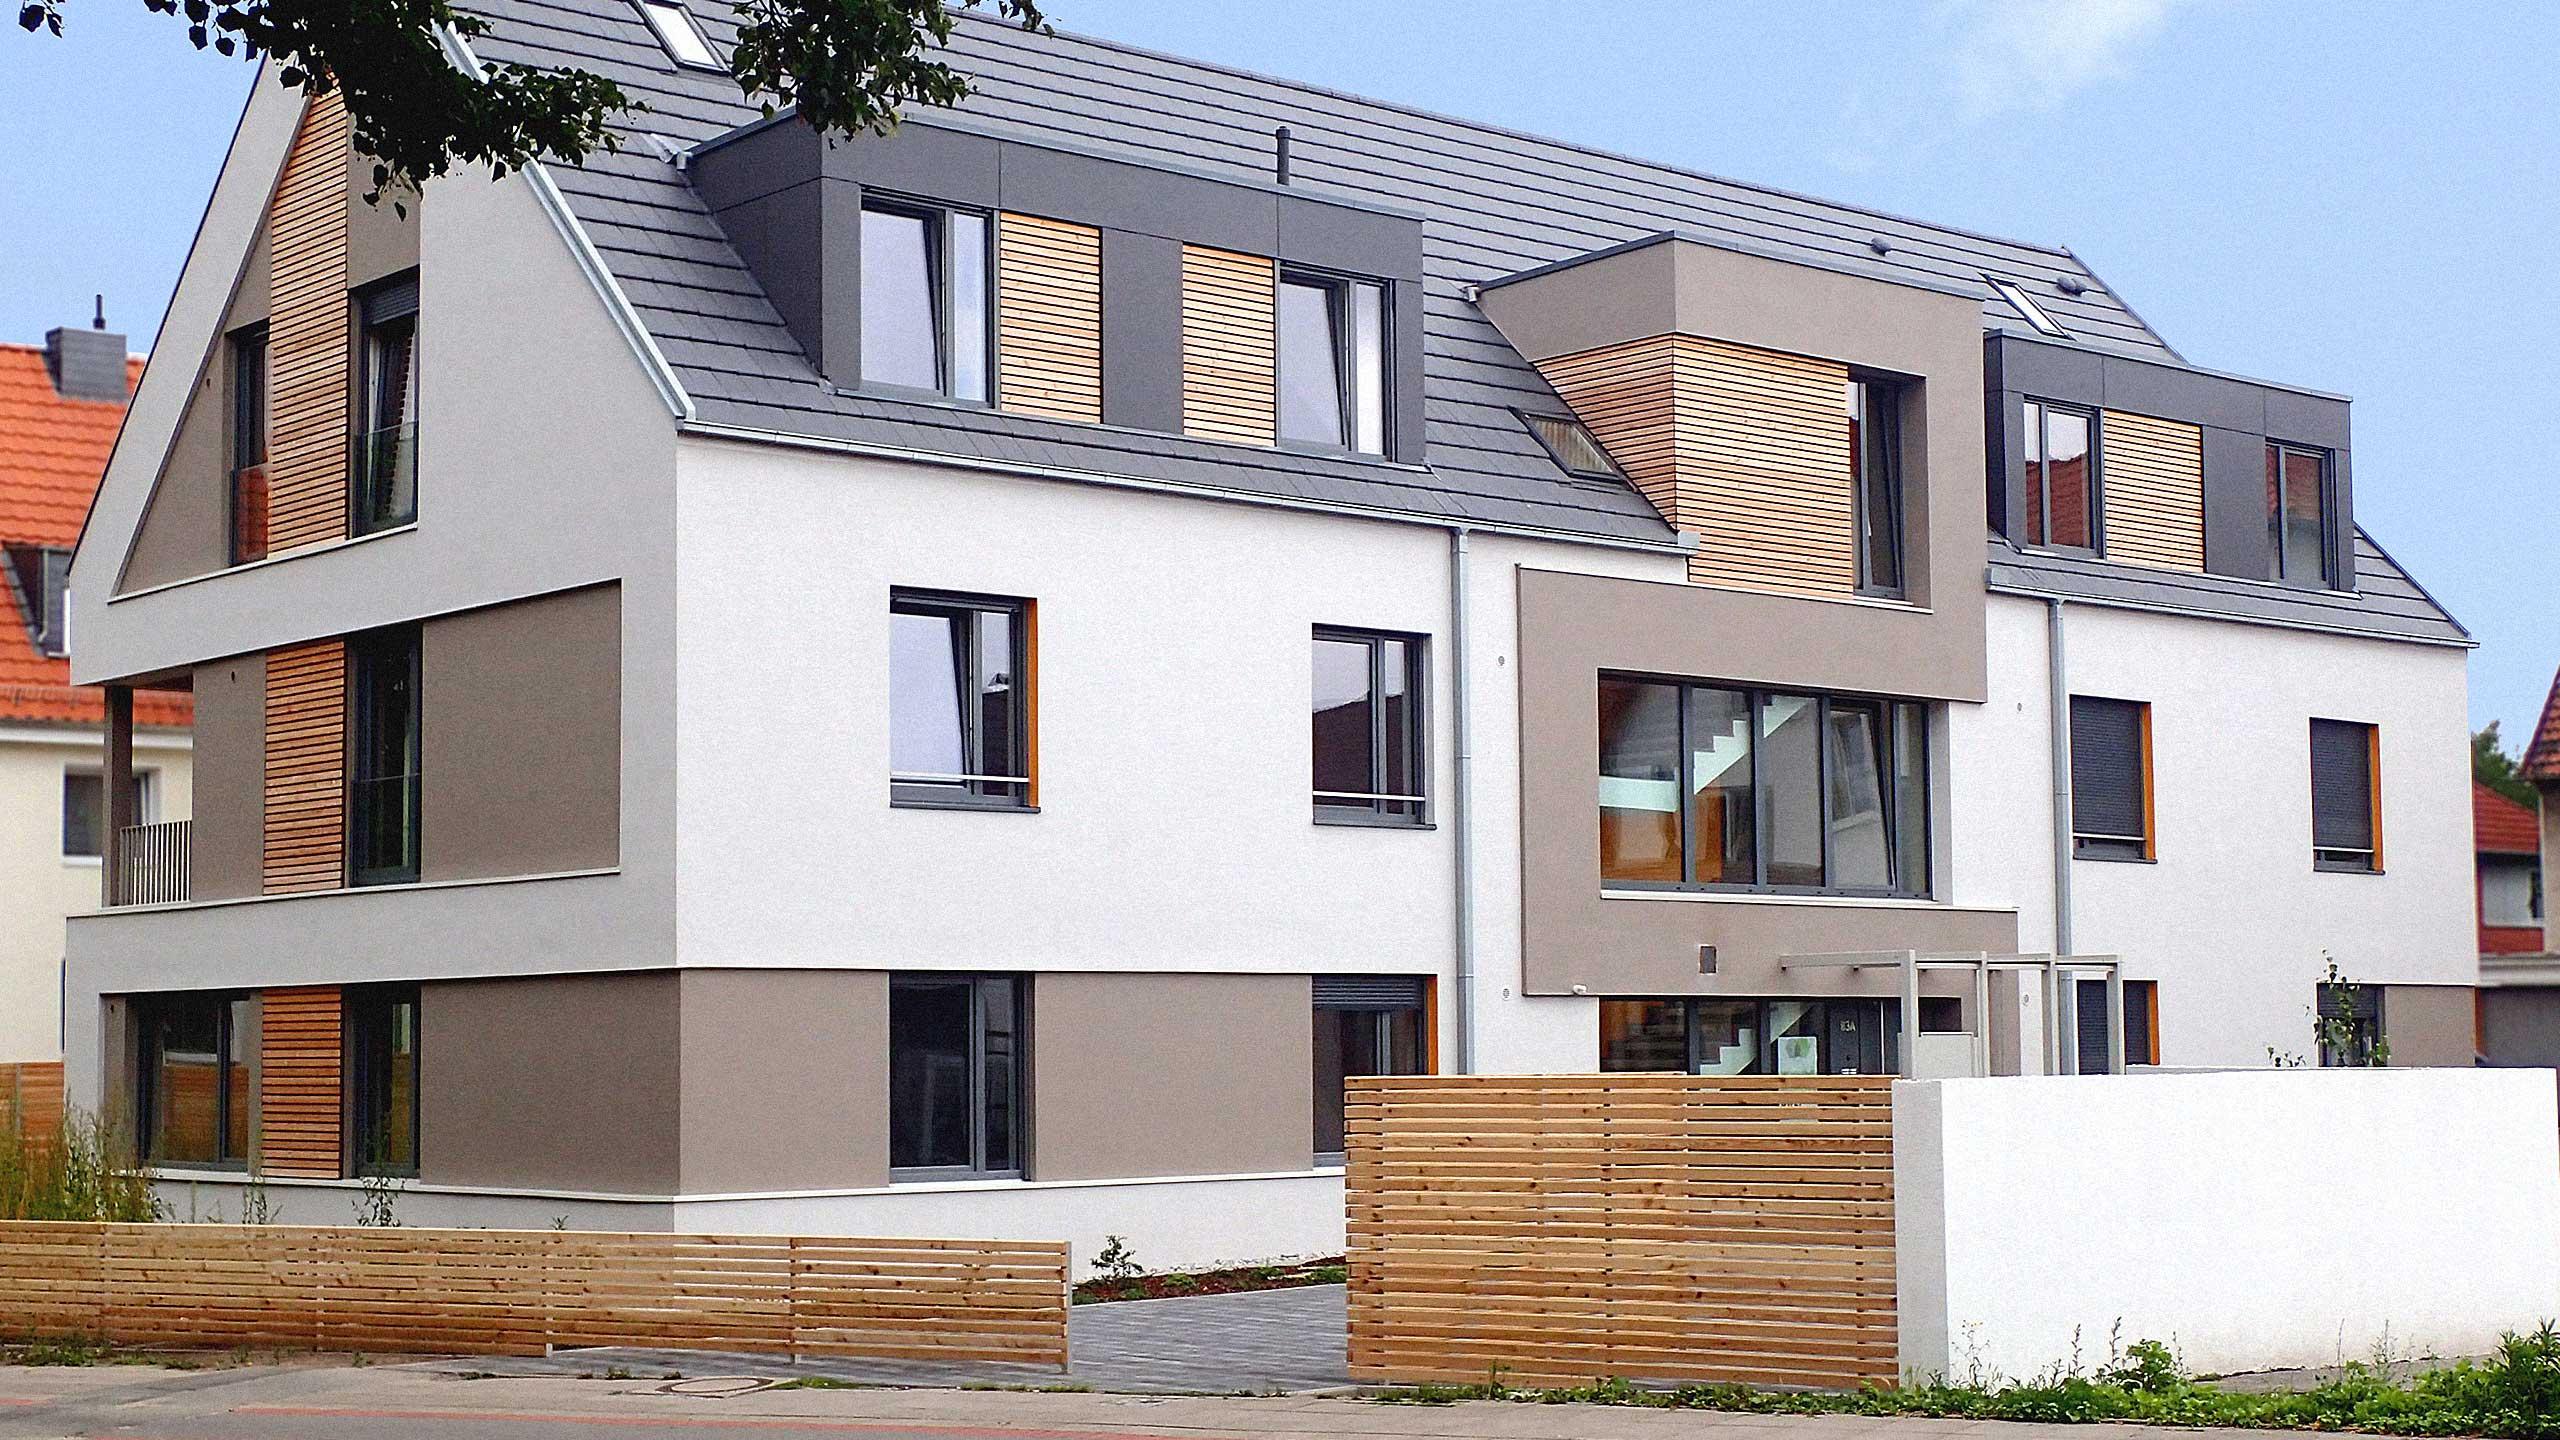 Architekten In Hannover hoffmann architekten